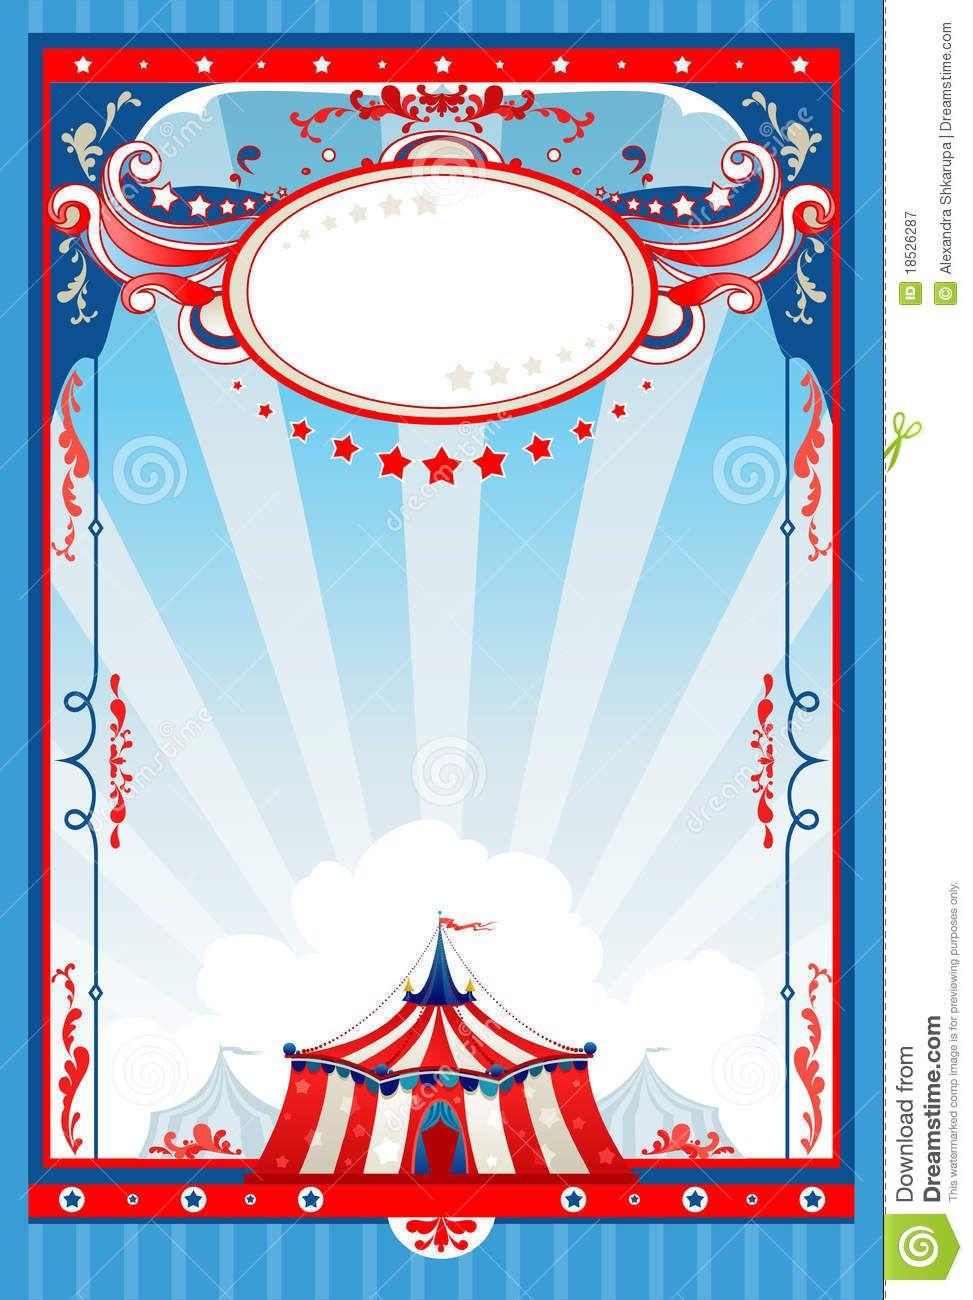 Die Bilder Karneval Plakat Vorlage Kostenloser Download Zirkus Einladungen Karneval Themen Und Sommerfest Kindergarten